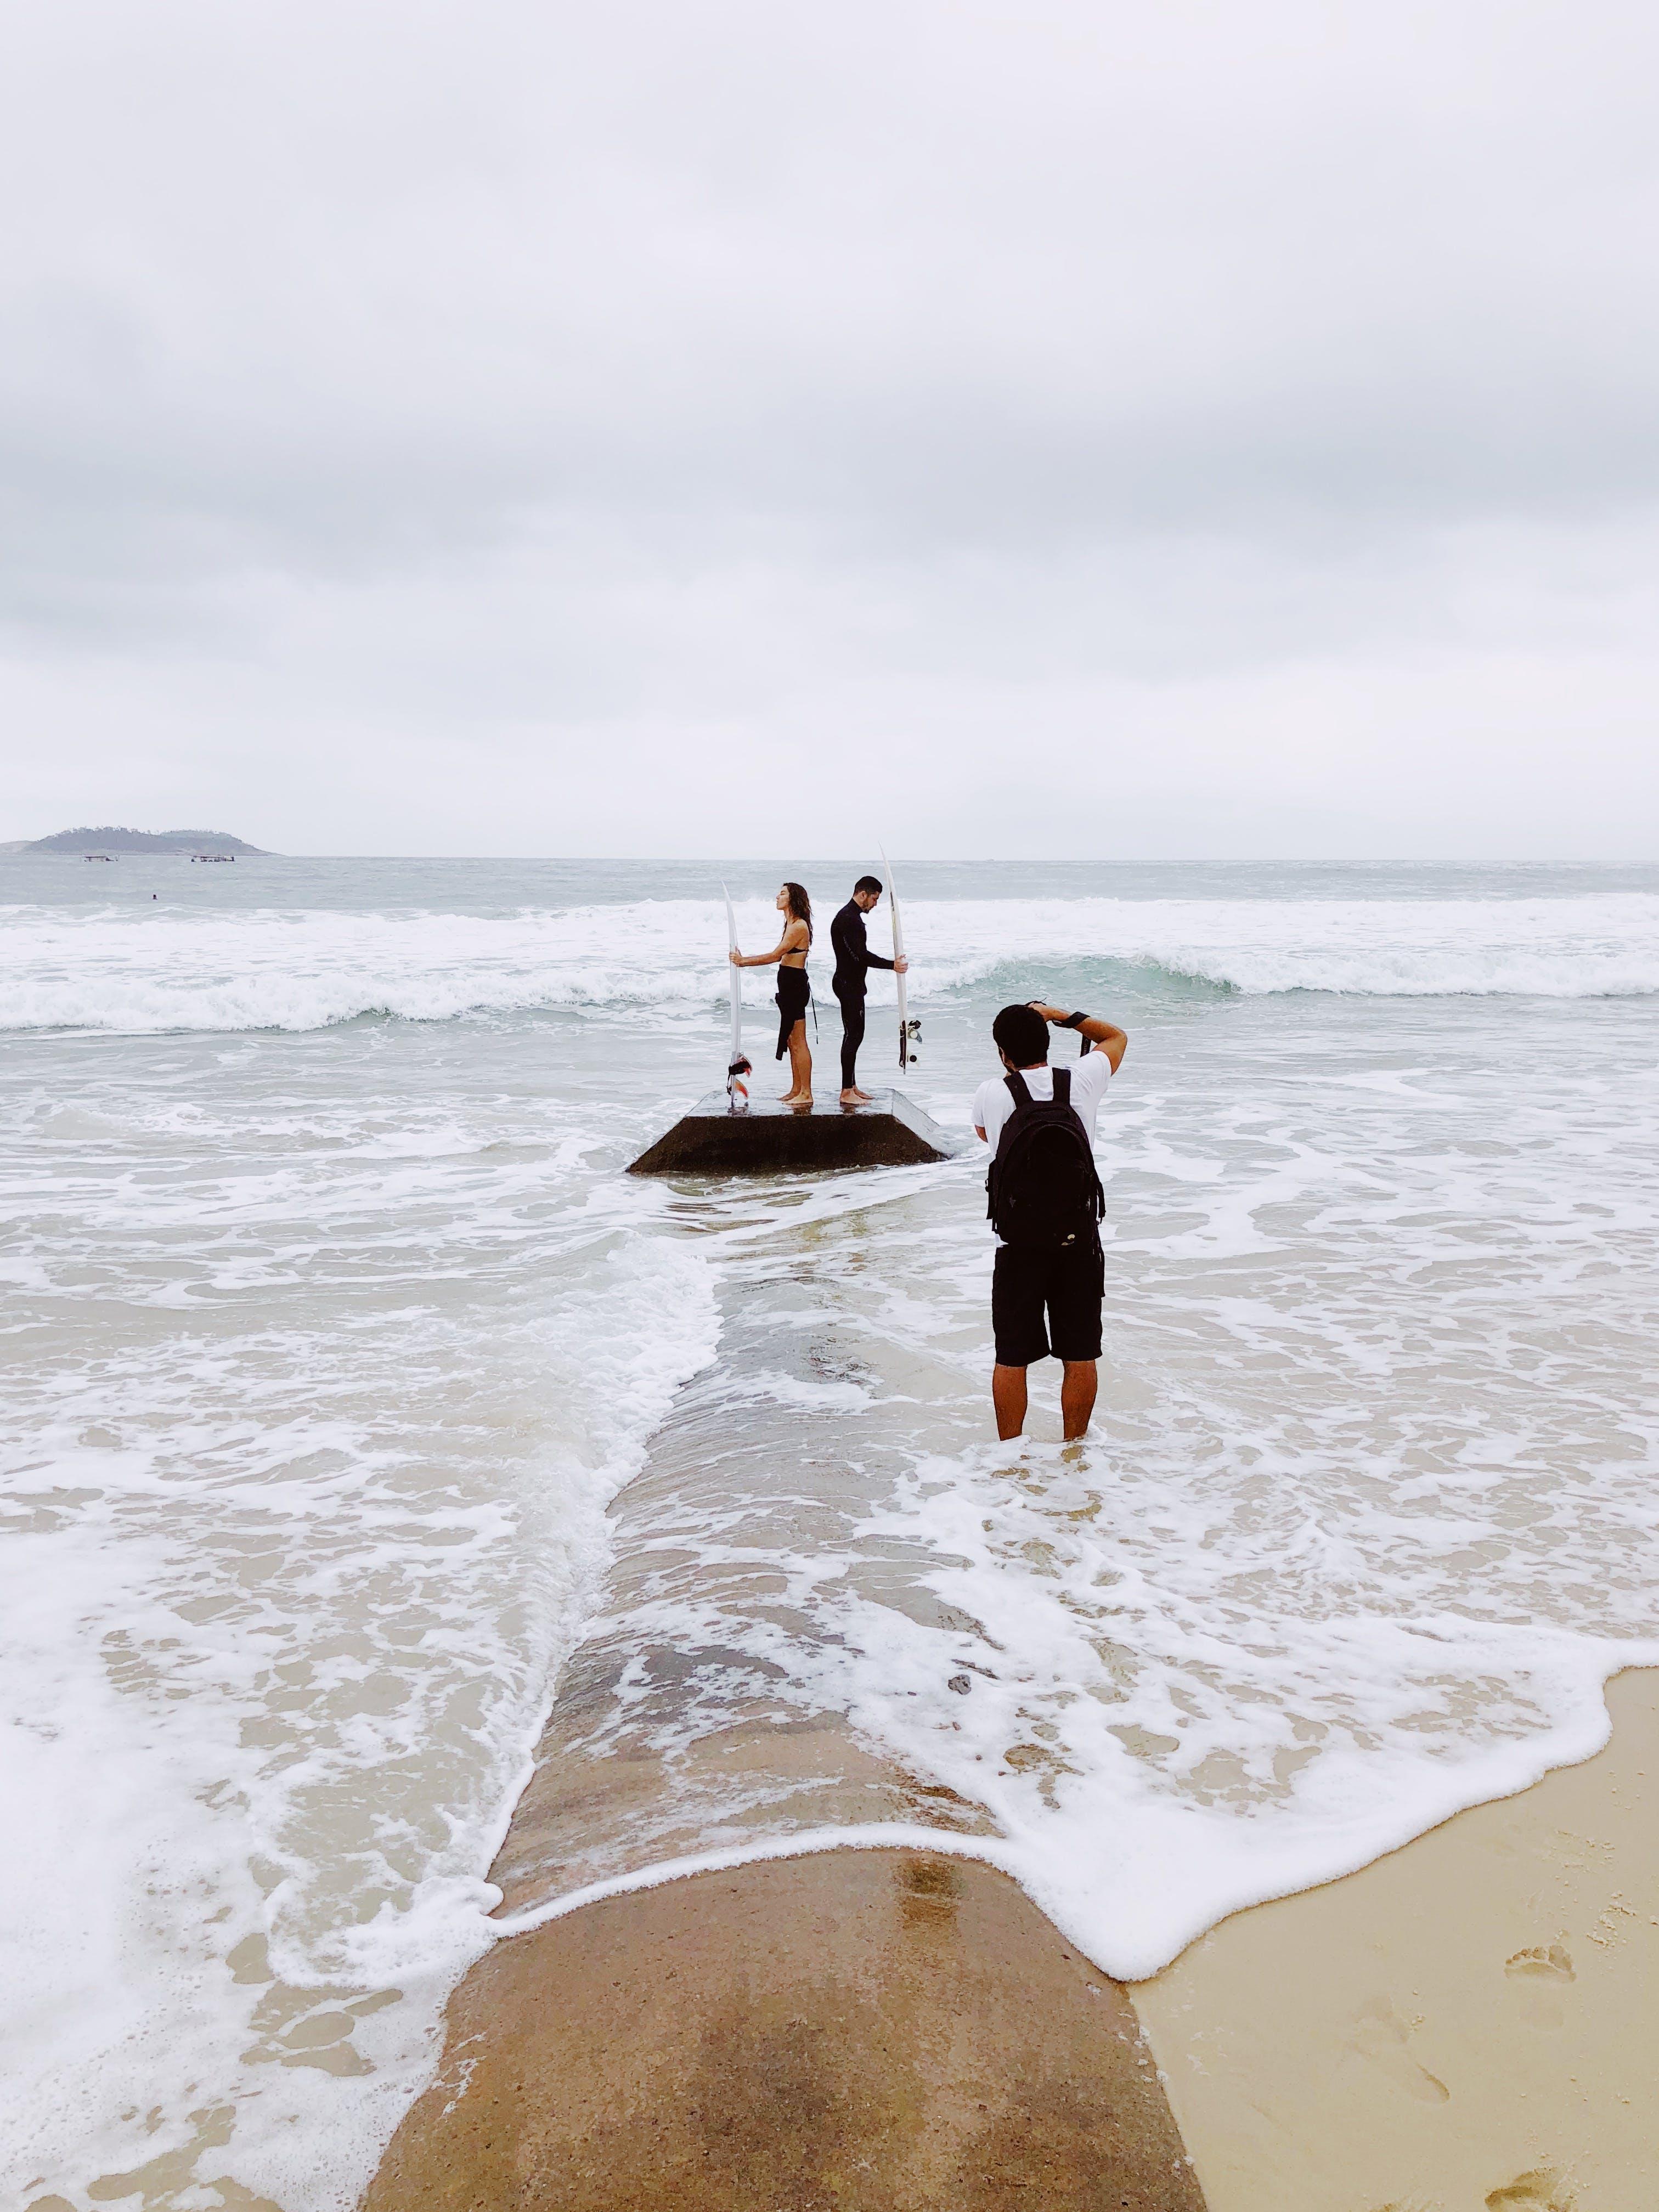 Fotos de stock gratuitas de agua, arena, dice adiós, fotógrafo